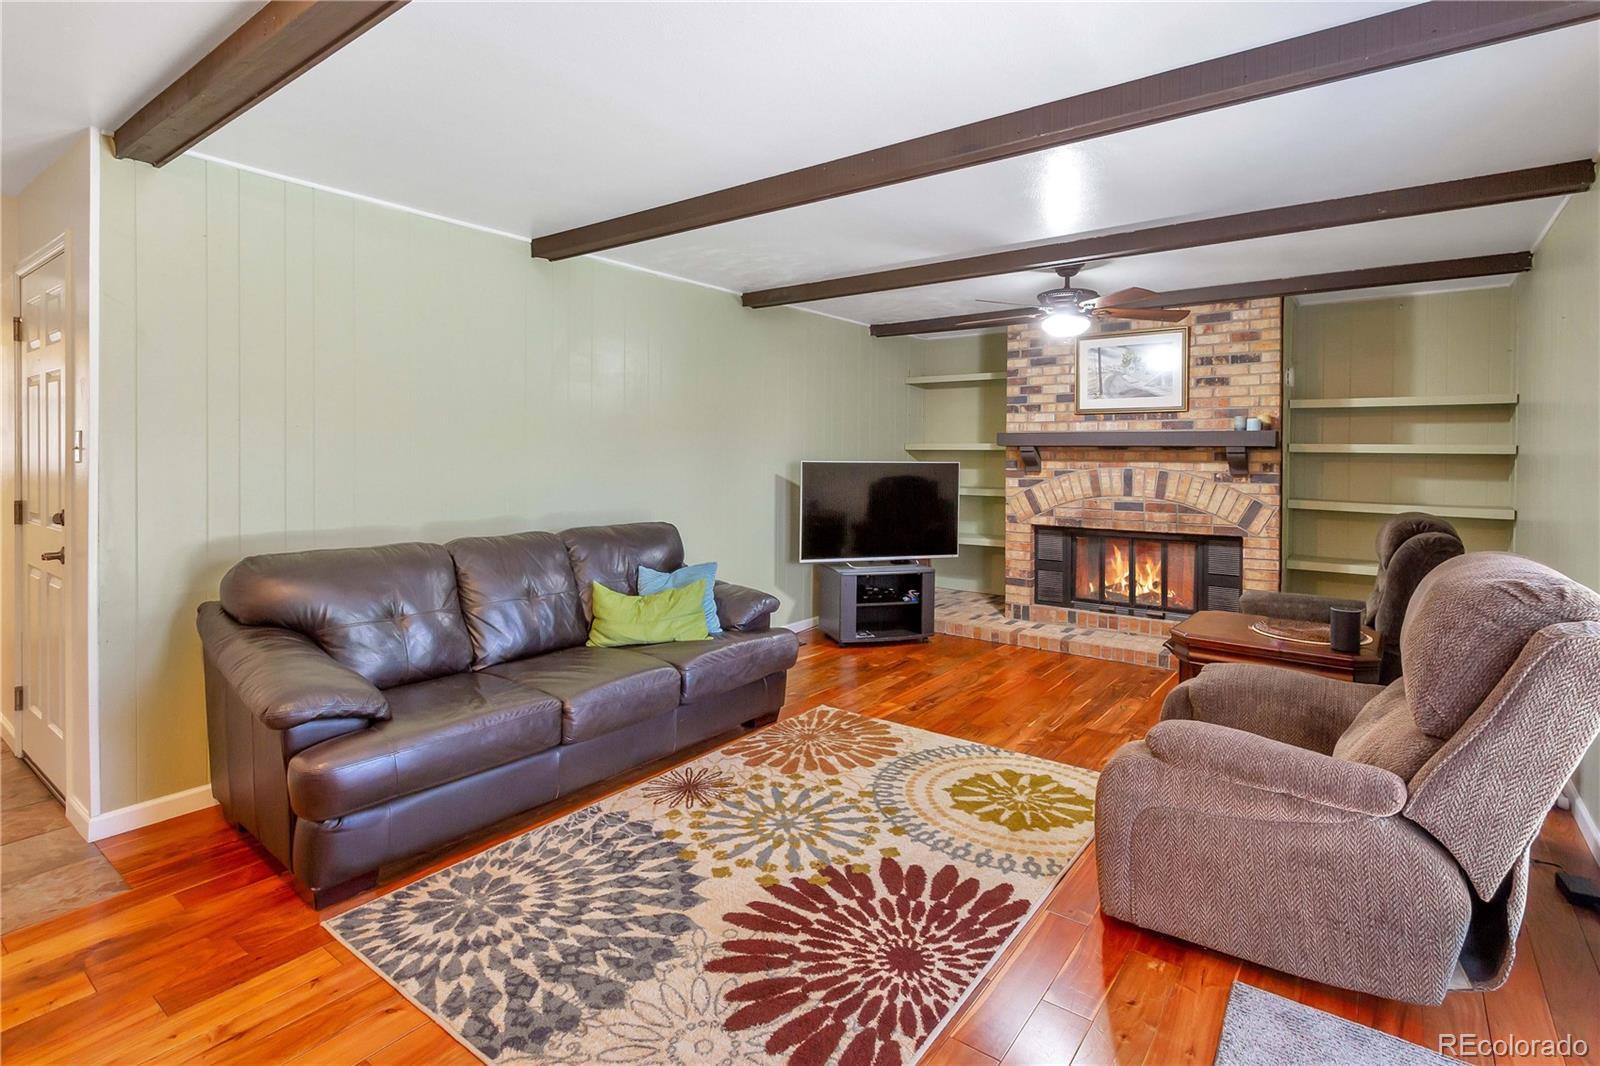 MLS# 8750243 - 12 - 2528 S Eldridge Street, Lakewood, CO 80228